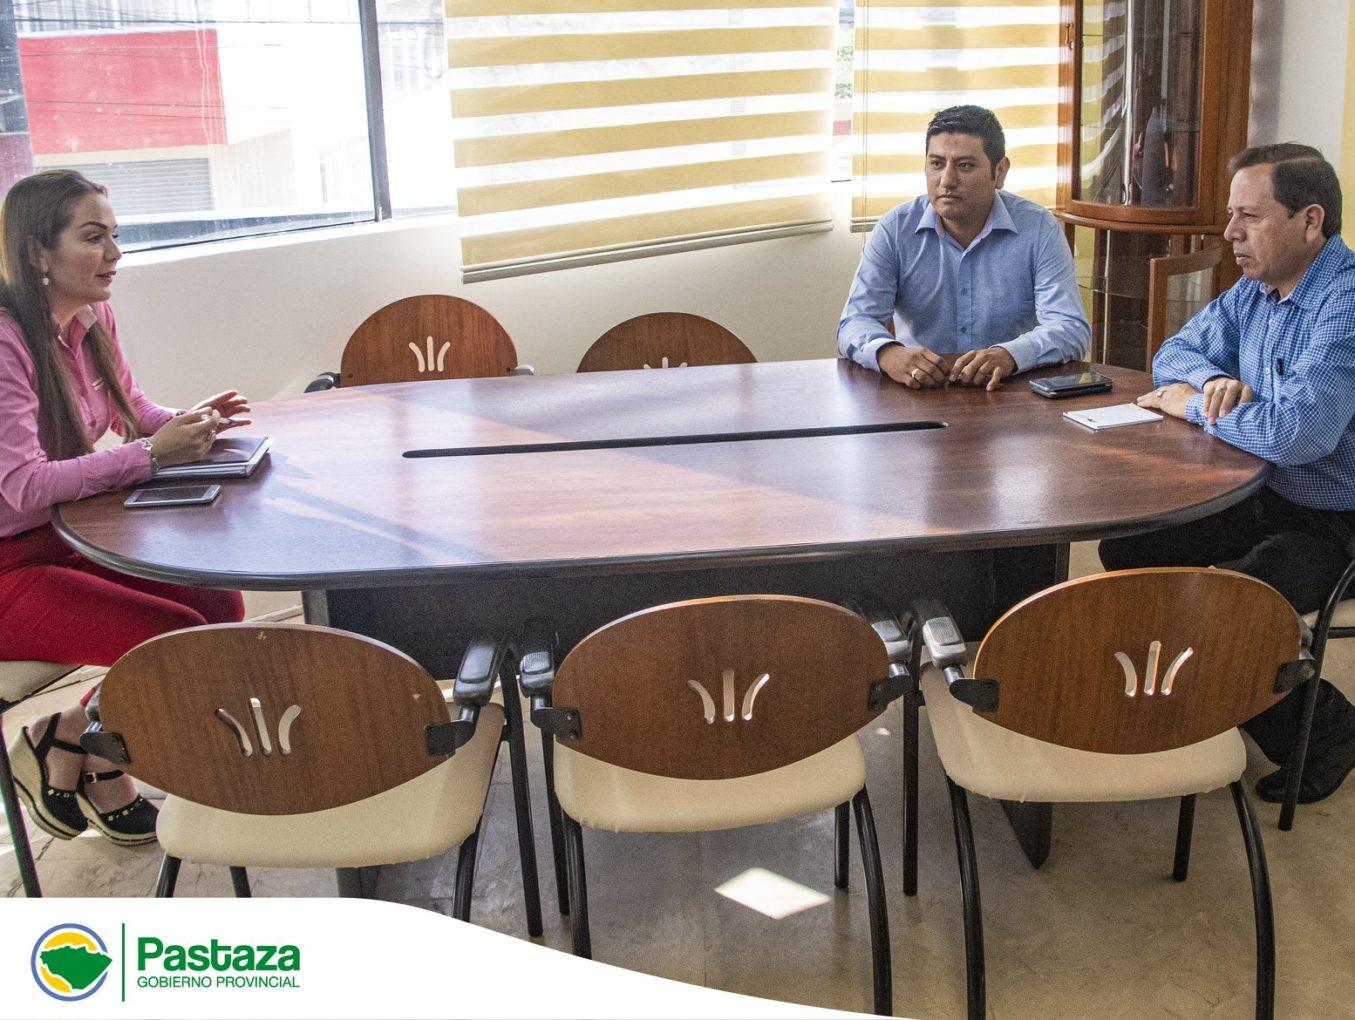 Prefecto de Pastaza recibe visita protocolaria de la Gobernadora de Pastaza.